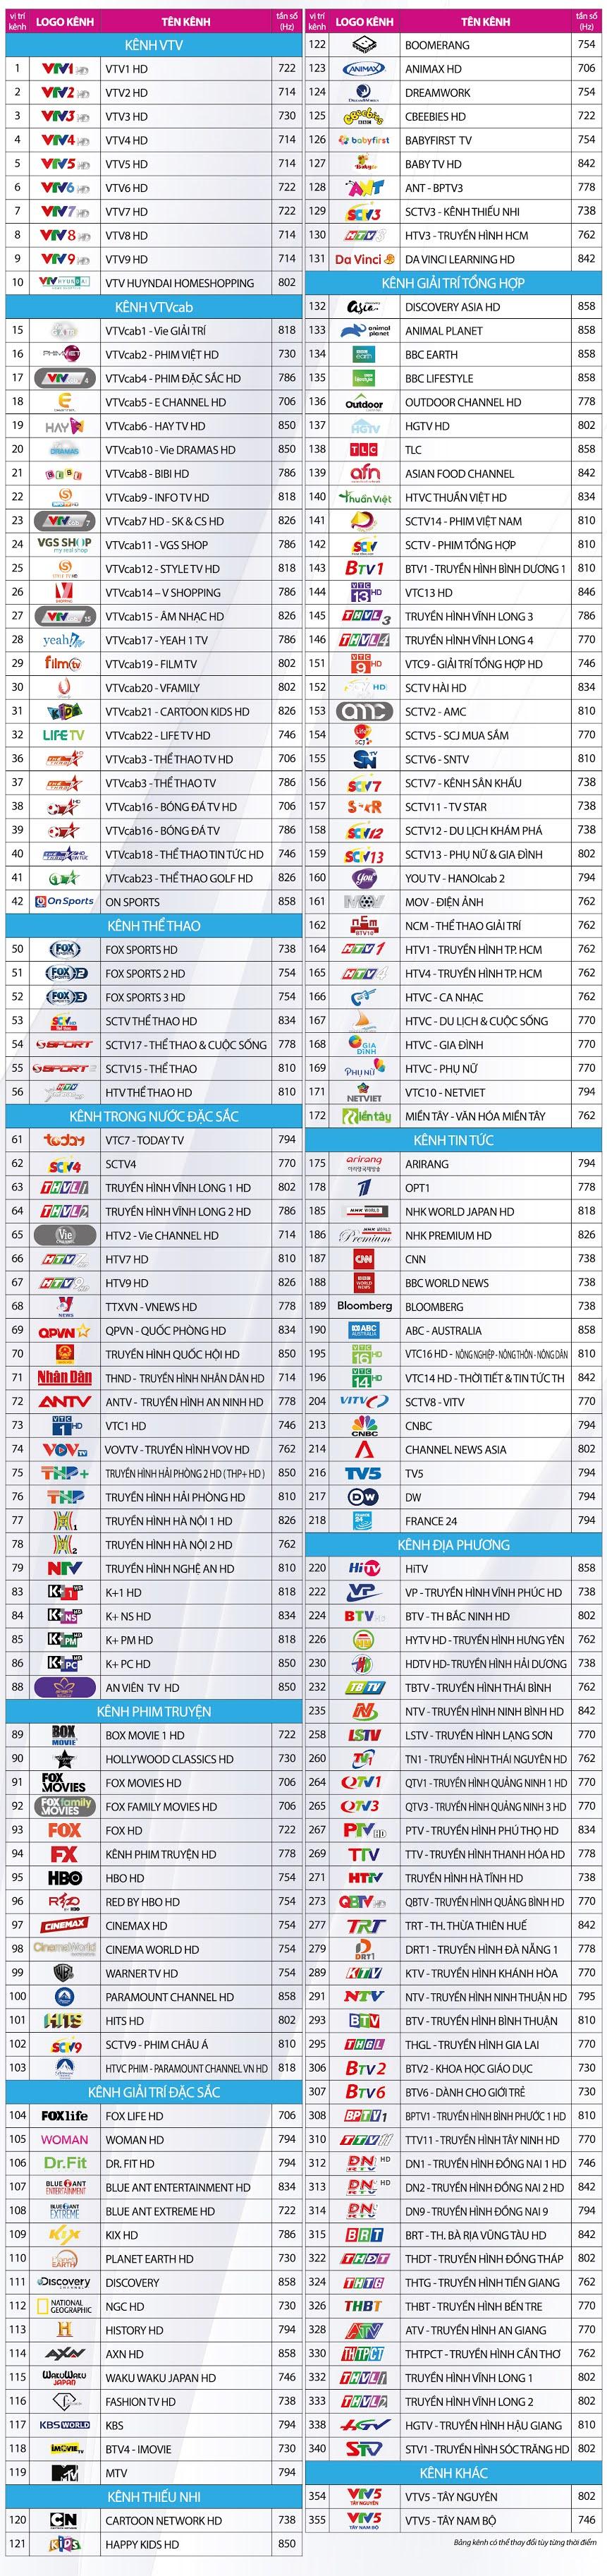 Danh sách kênh của VTVcab tại TPHCM